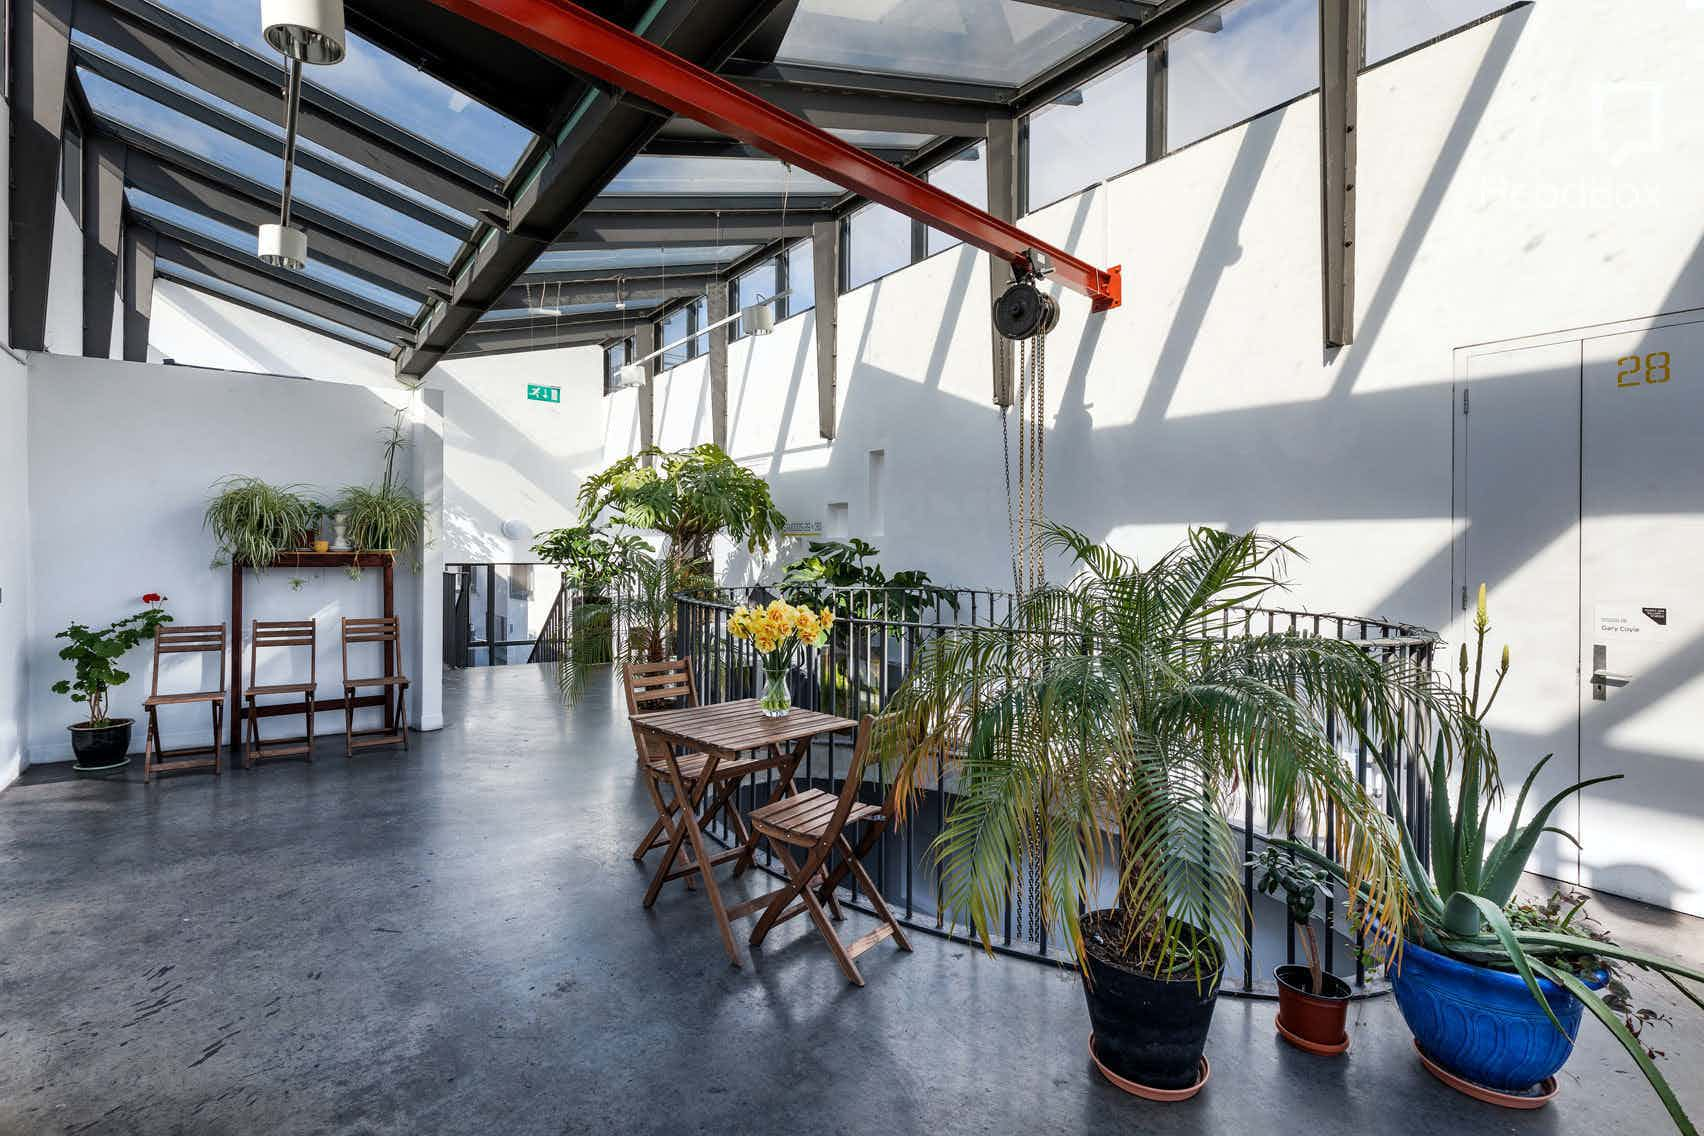 Top Floor Atrium & Balcony, Temple Bar Gallery & Studios